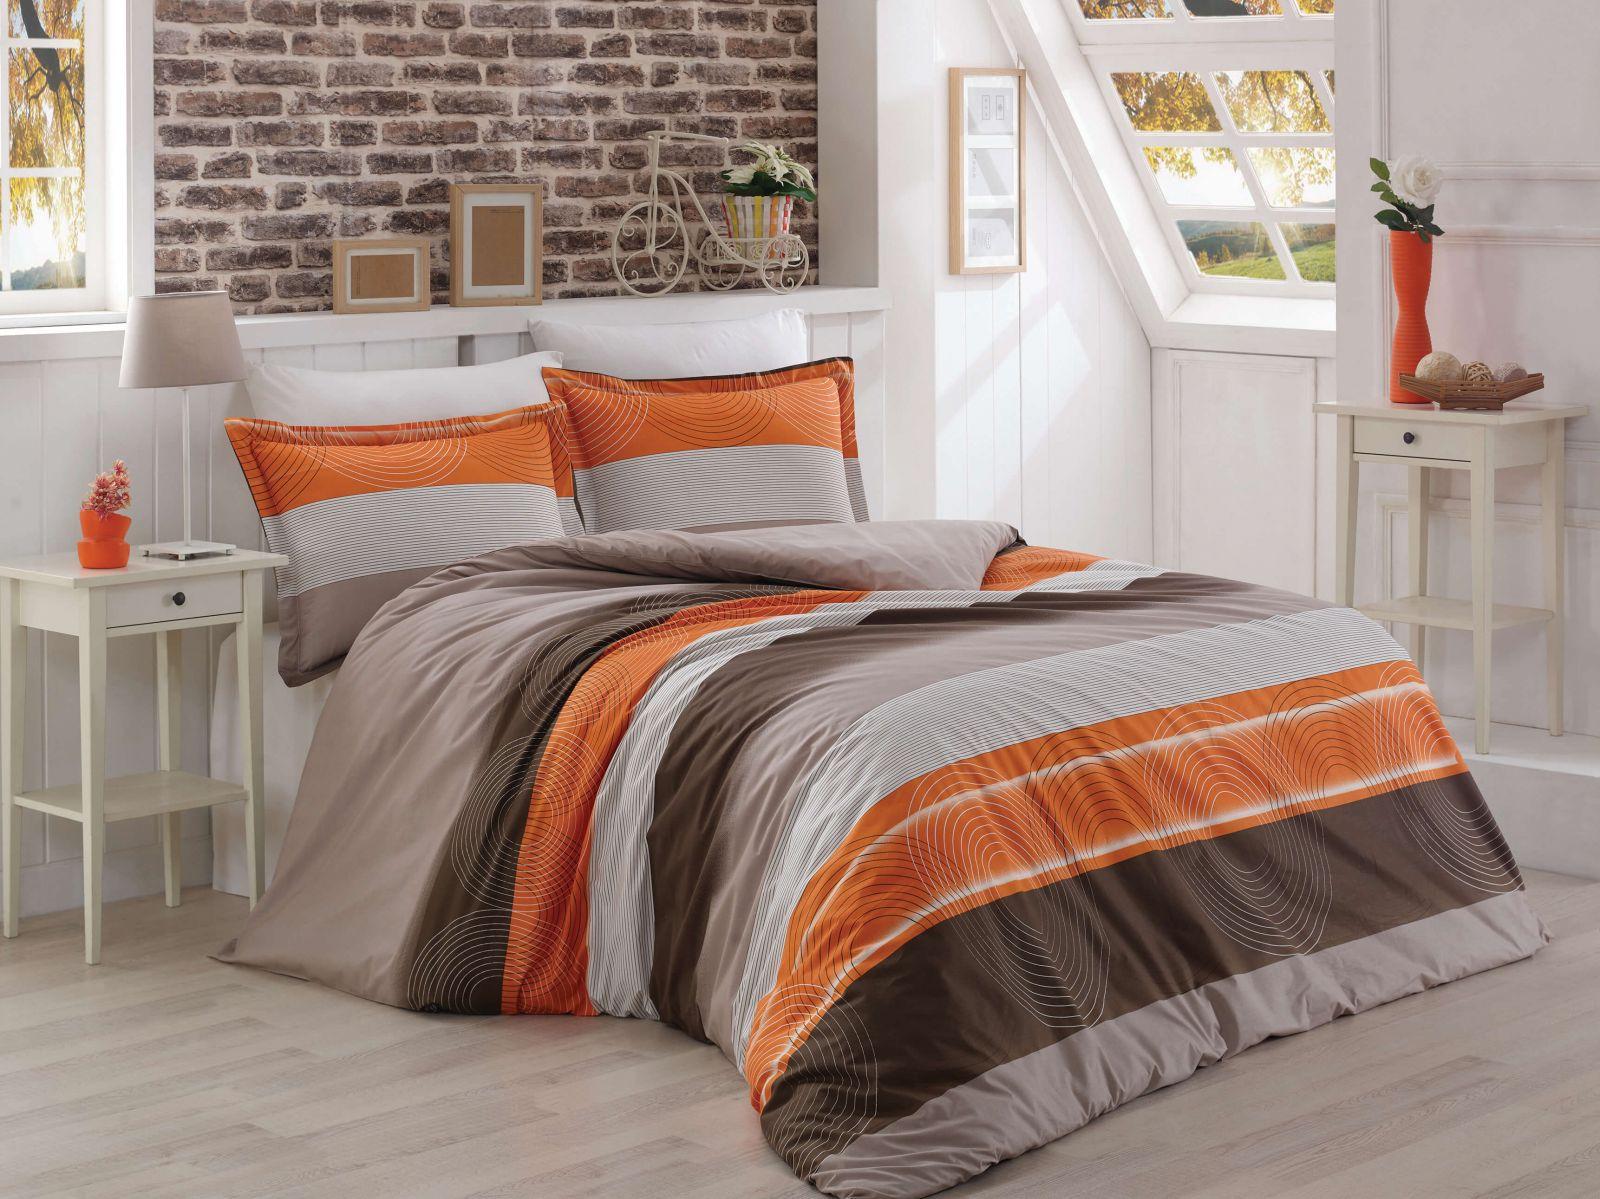 f5b68bb01 Bavlnené posteľné obliečky s motívom pruhov DELUX SALMON STRIPE ...